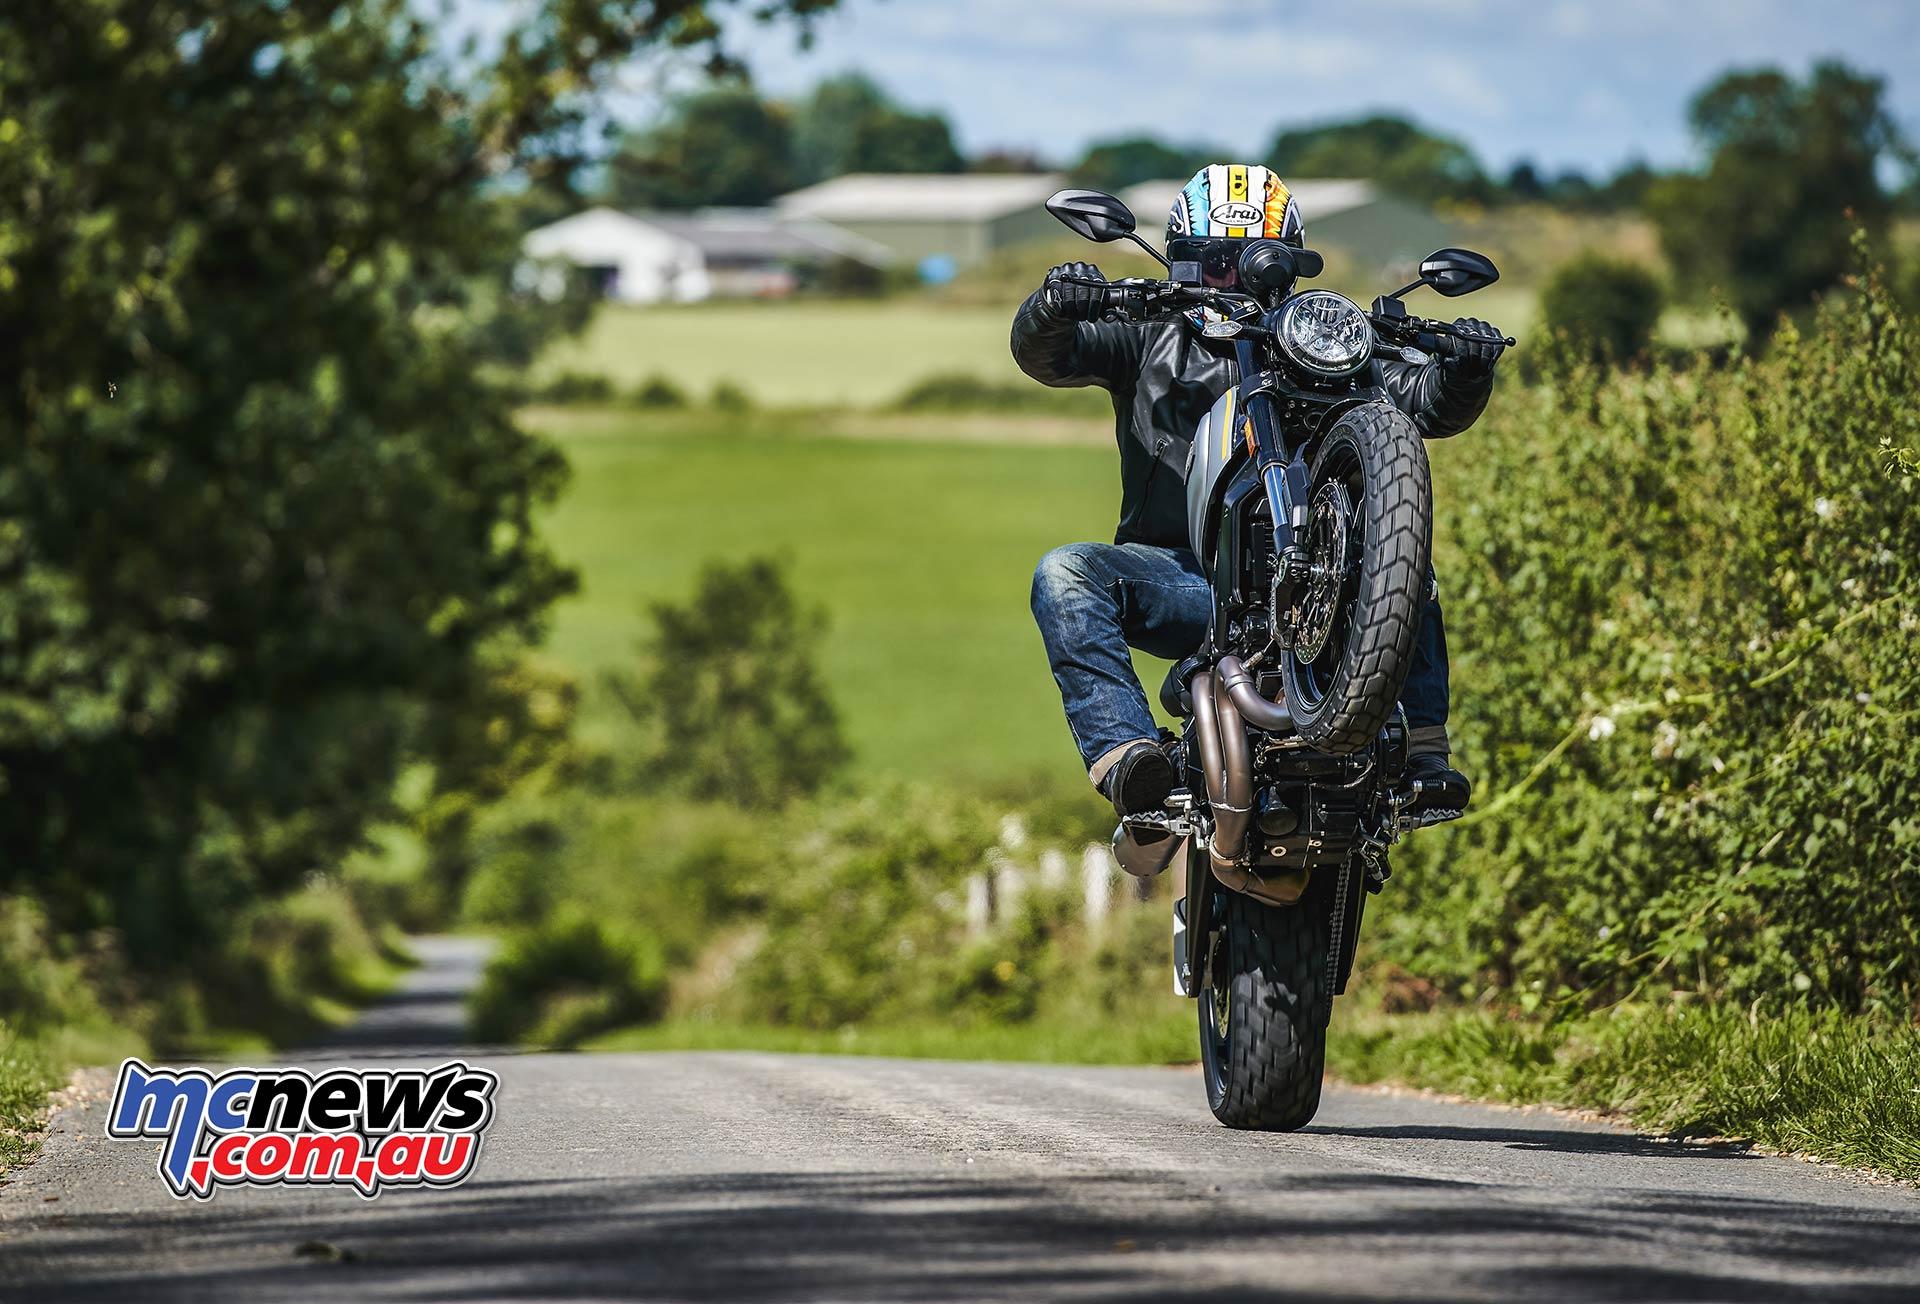 2021 Ducati Scrambler 1100 Pro